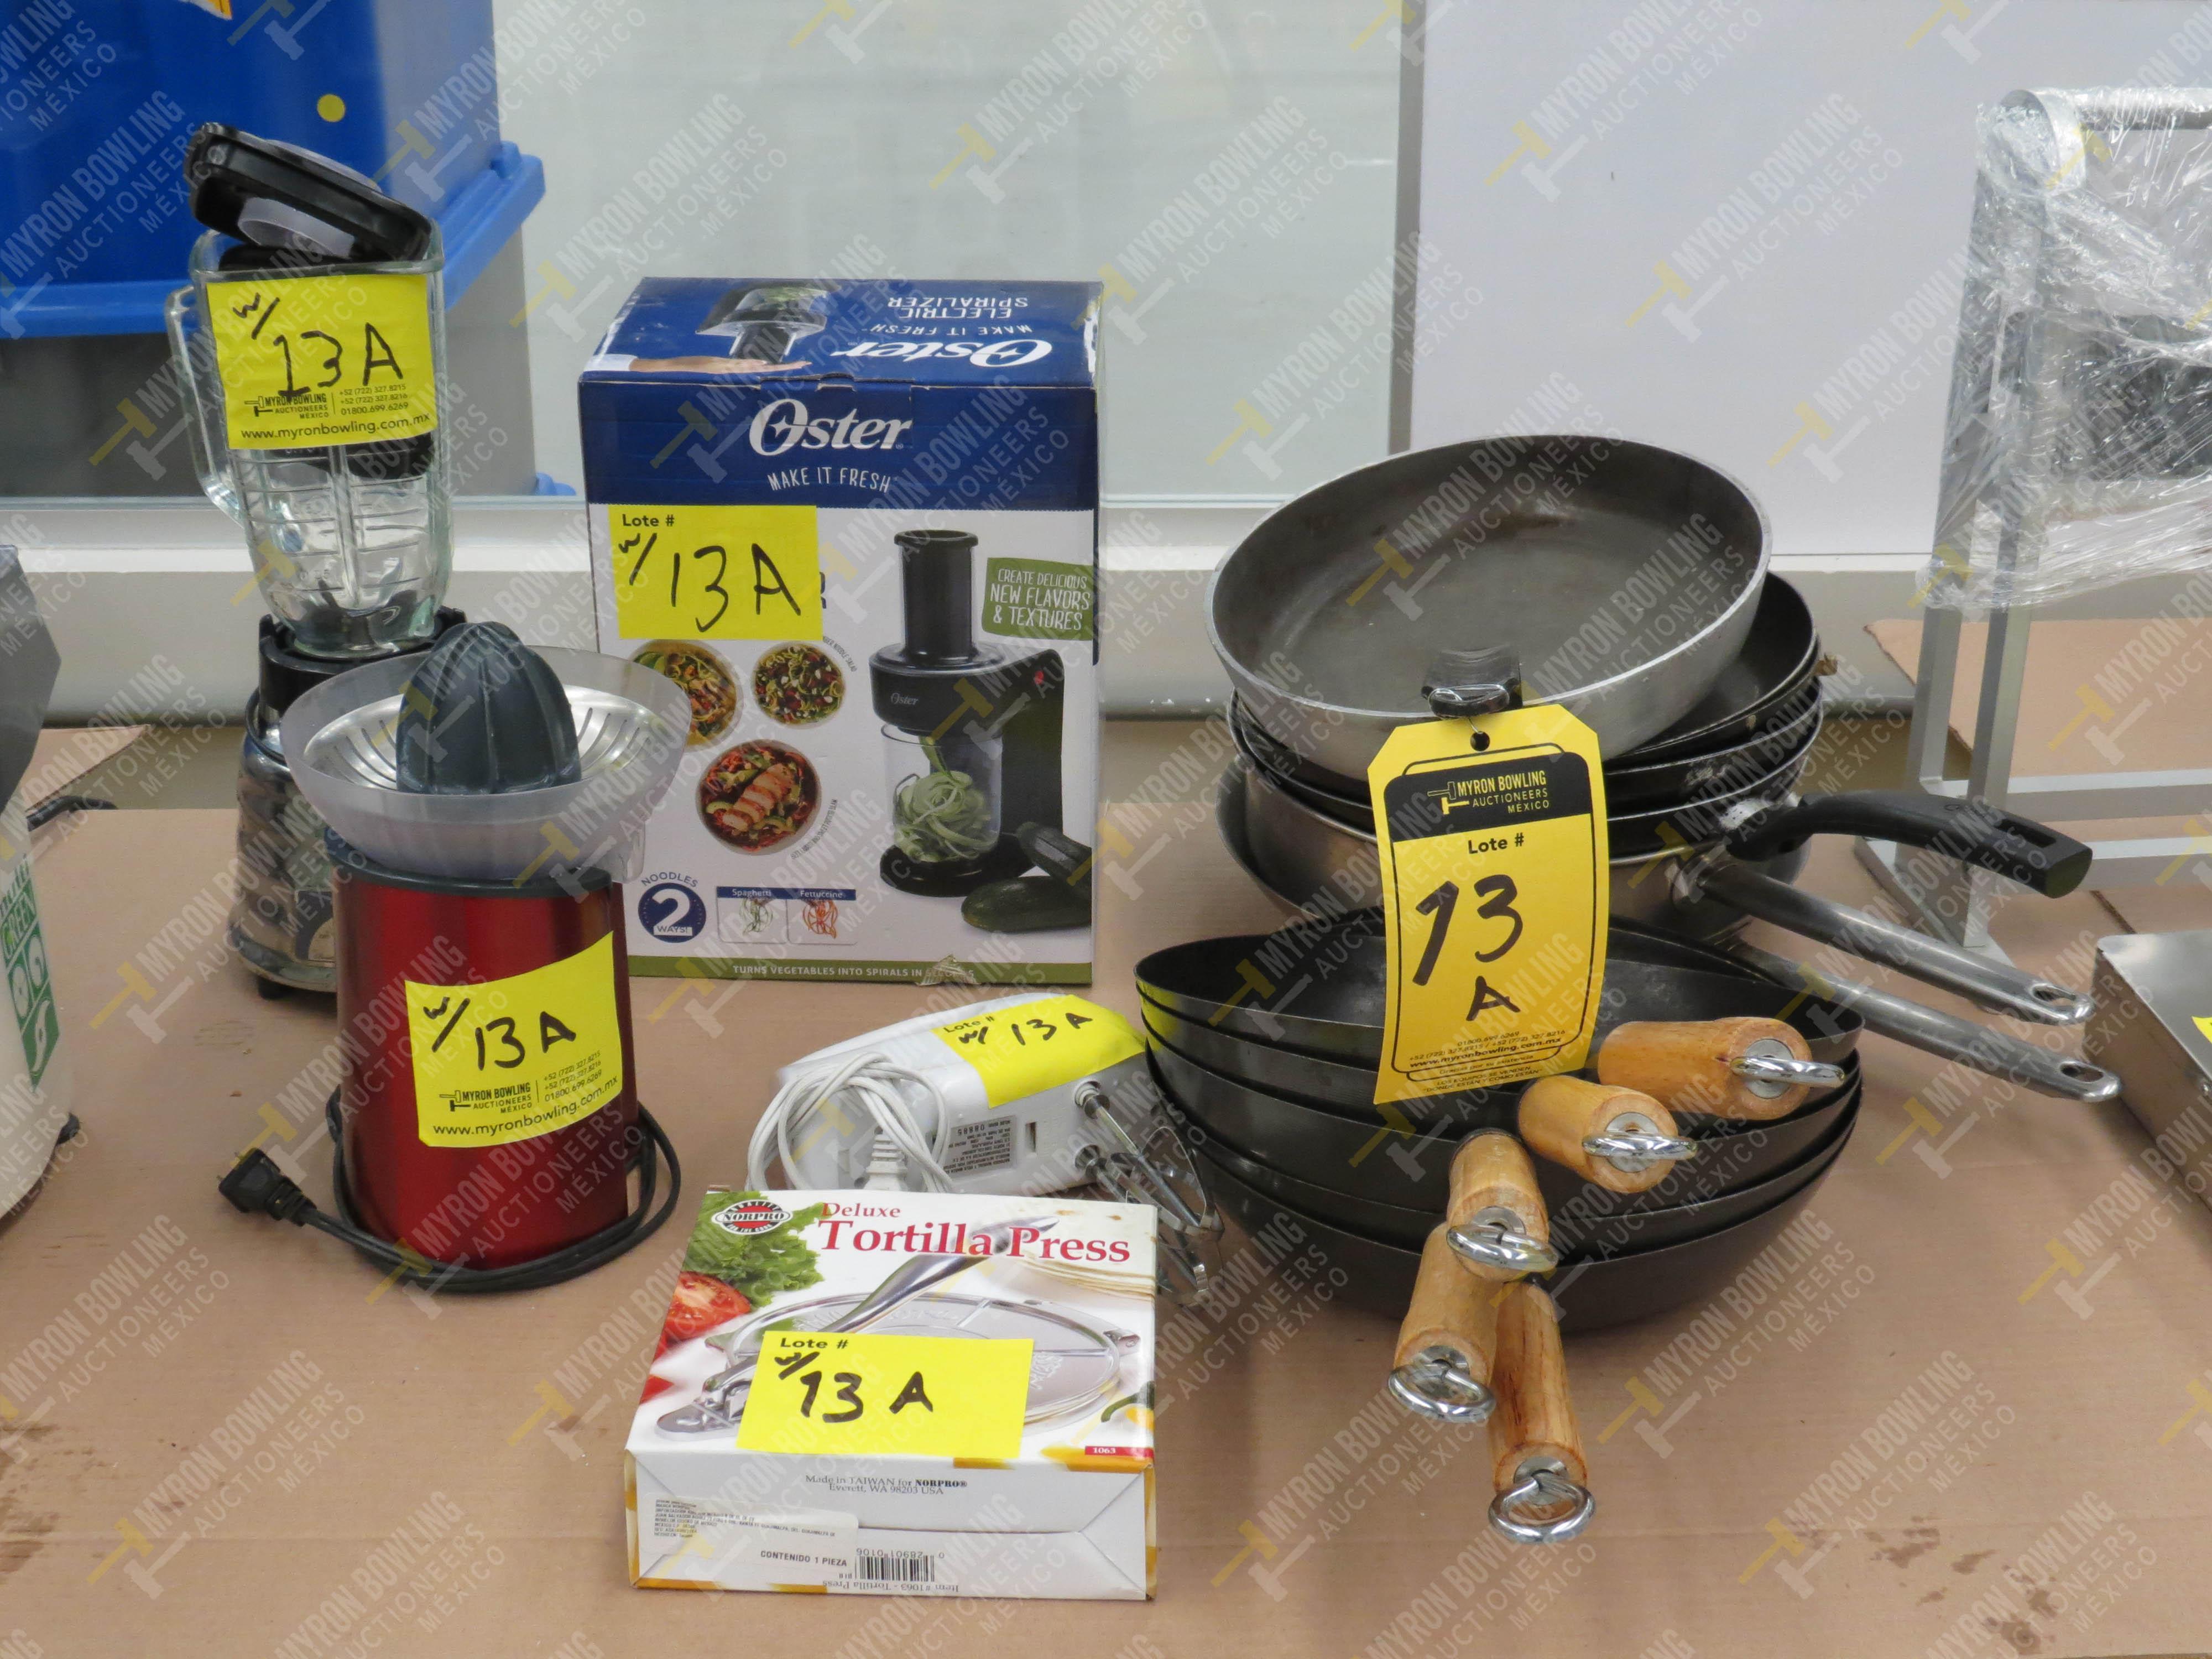 Artículos de cocina varios: extractor de jugos, 12 sartenes de diferentes capacidades - Image 4 of 8